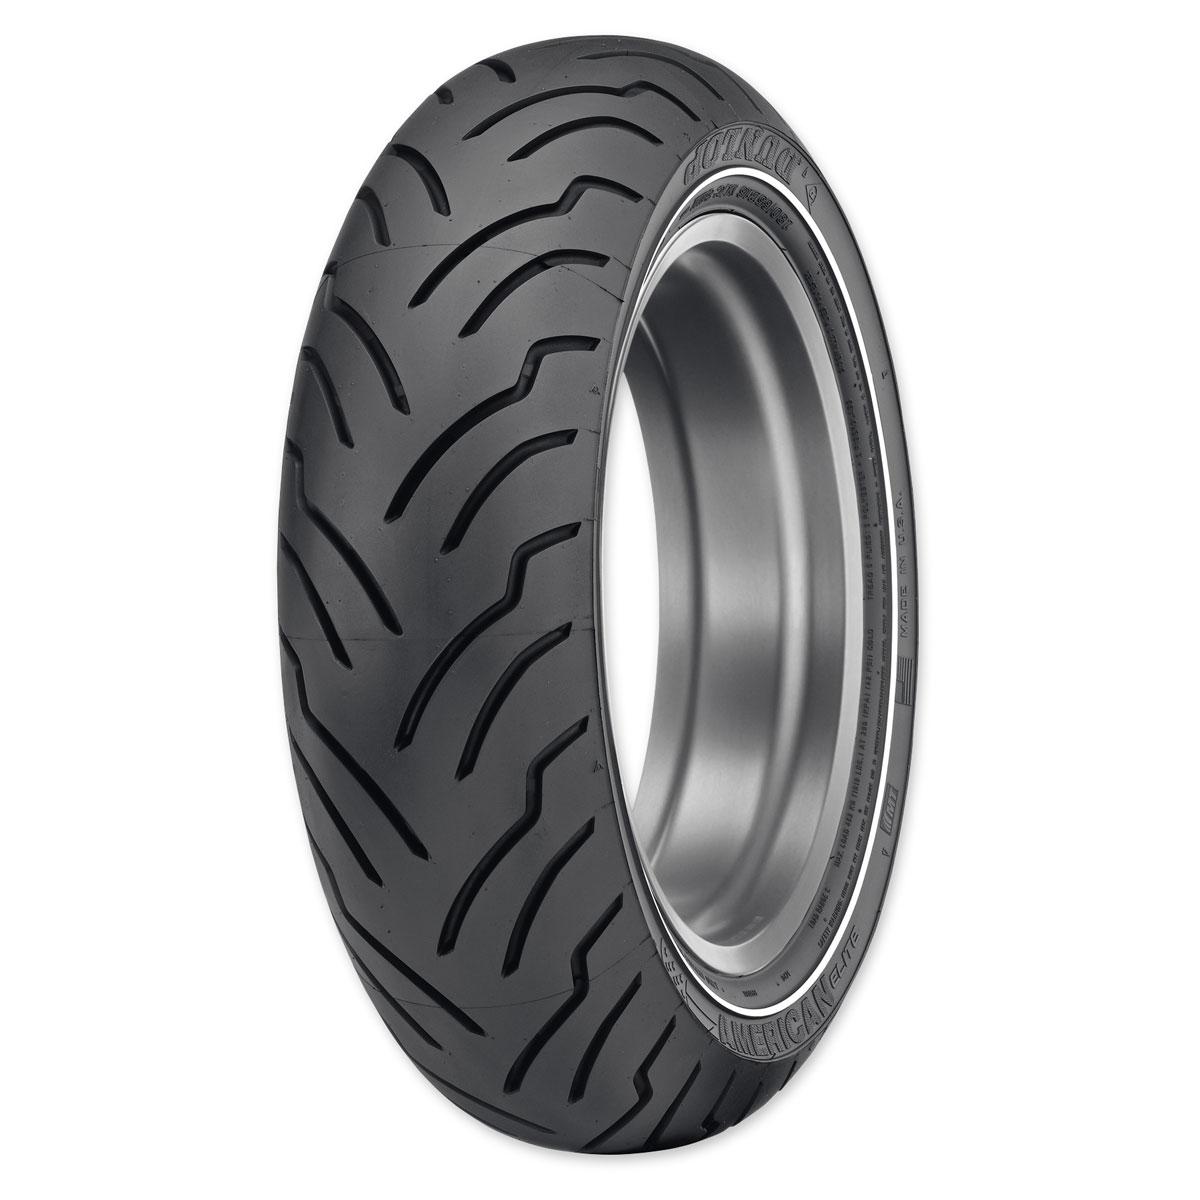 Dunlop American Elite 180/65B16 81H Narrow White Stripe Rear Tire